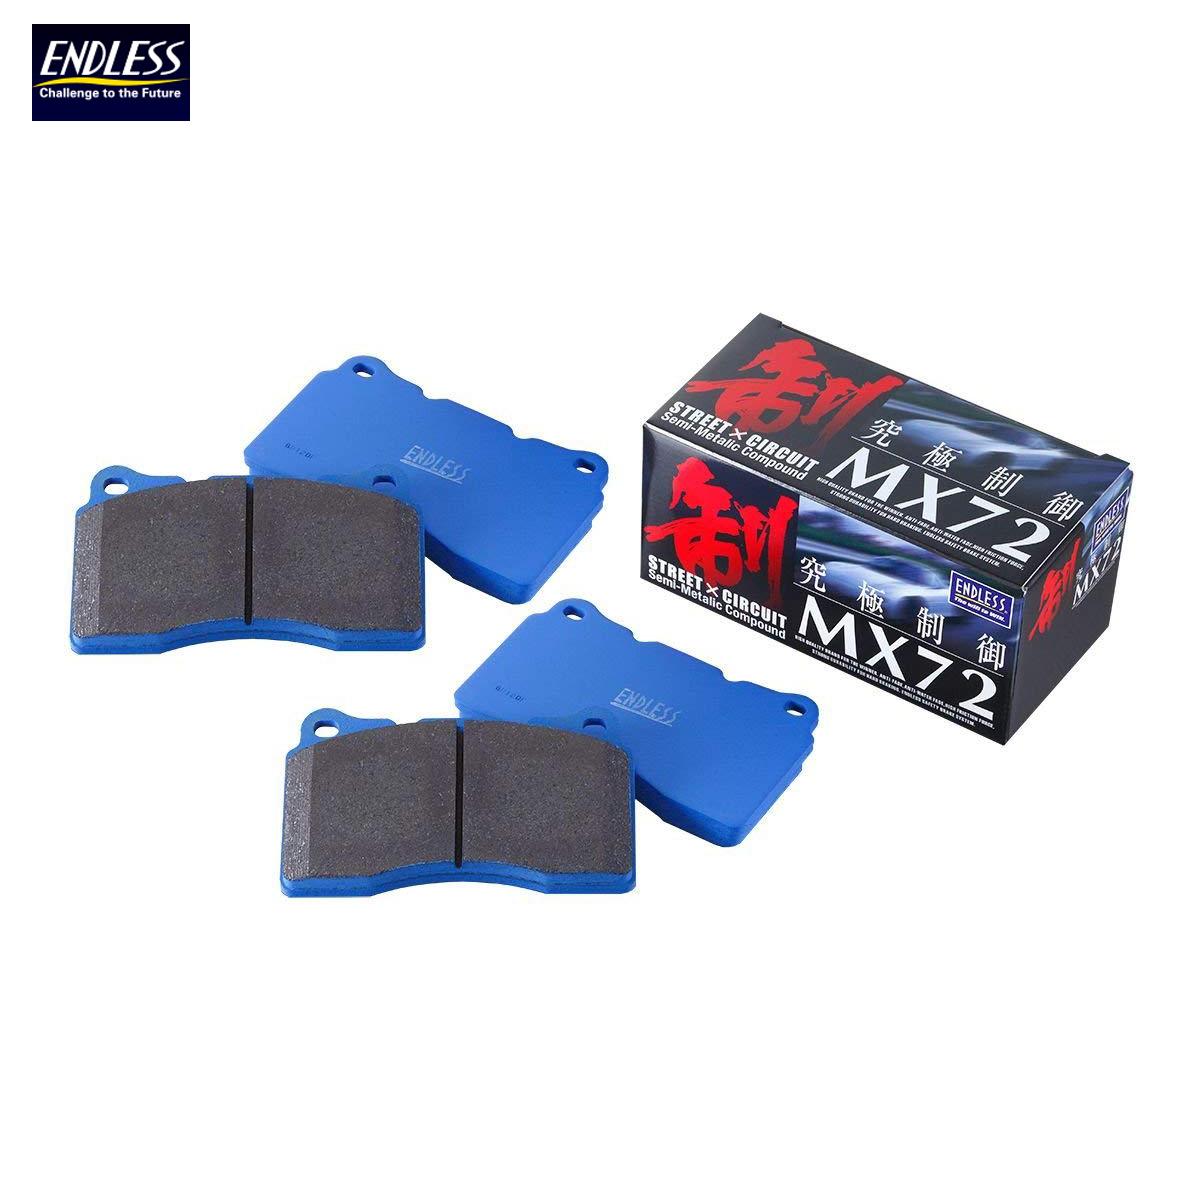 ENDLESS エンドレス ブレーキパッド MX72 フロント EP382 iQ NGJ10